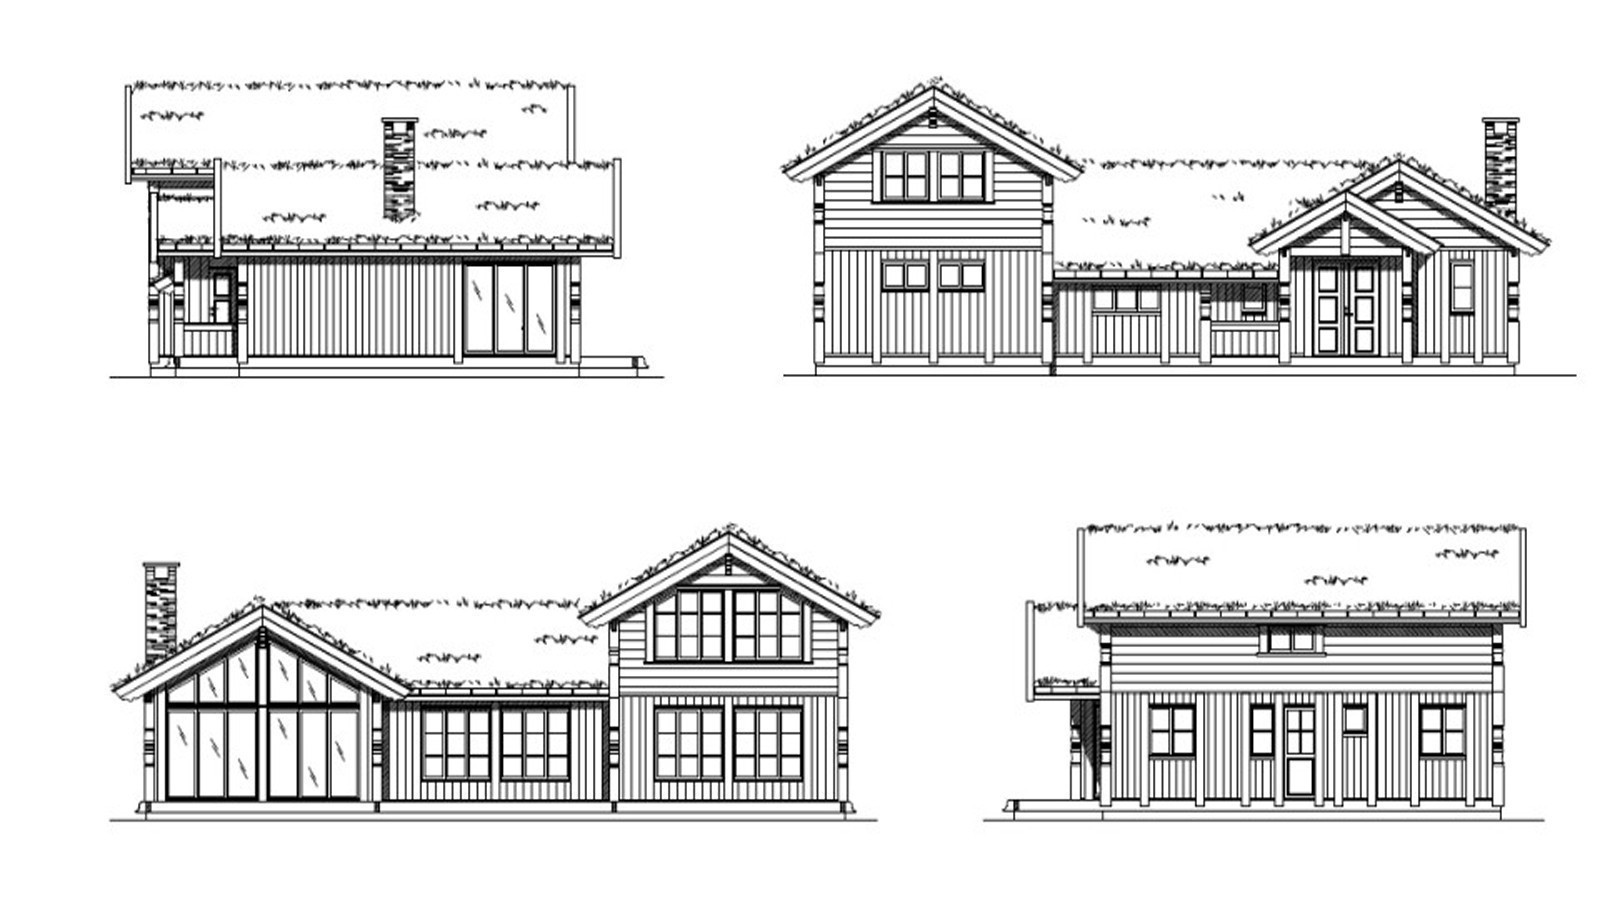 Fasader for hytte modell Kløvfjell  - Vi har egne arkitekter som tilpasser hytten helt til slik dere ønsker og behov er.